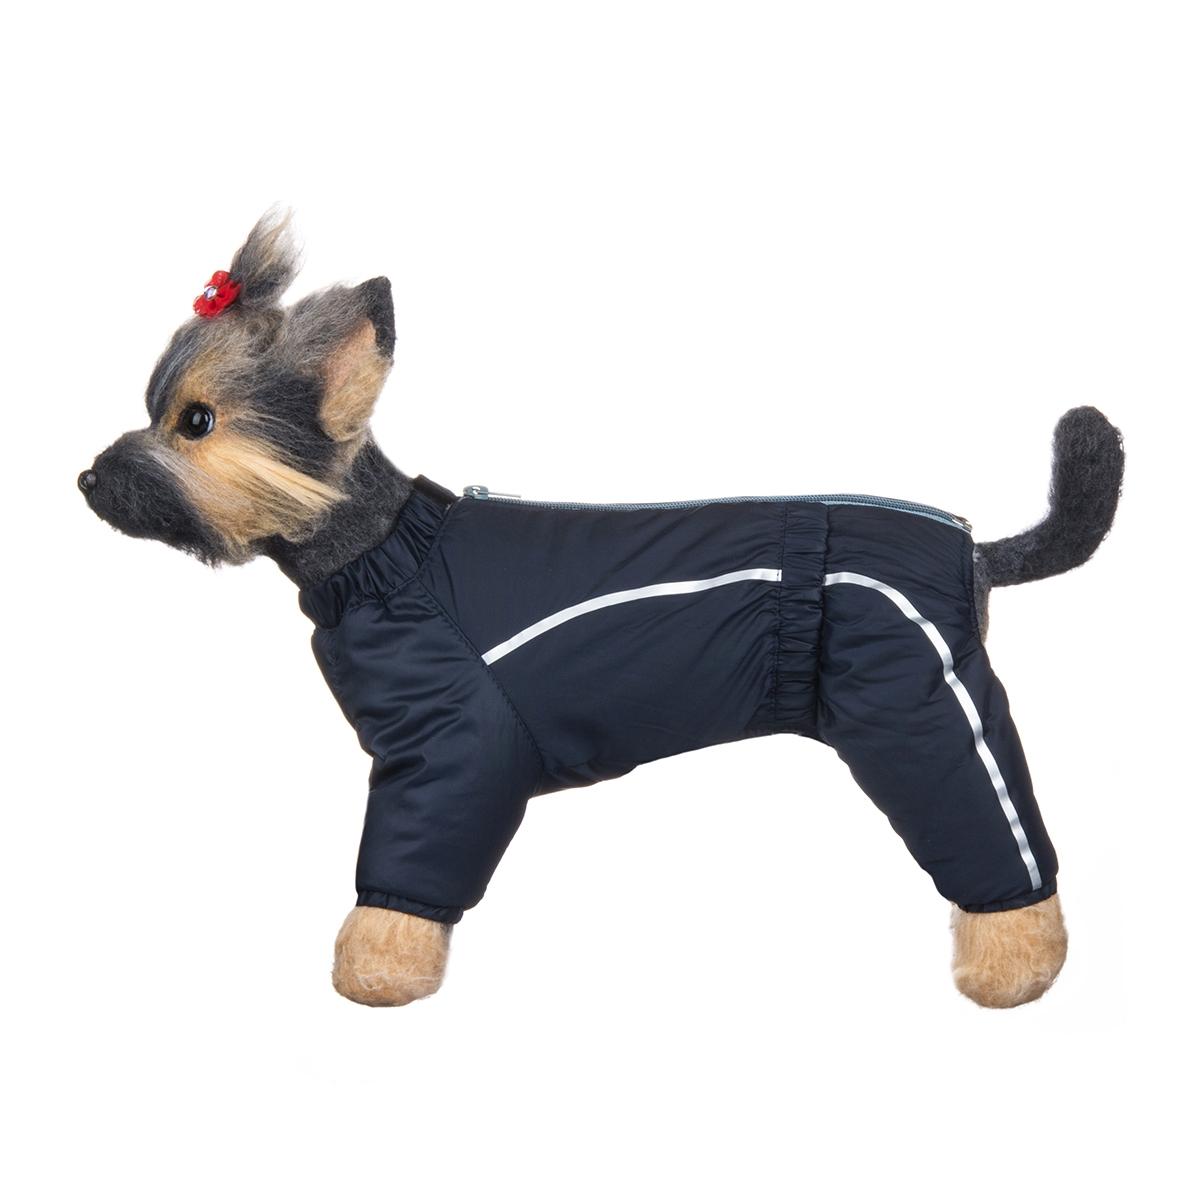 Комбинезон для собак Dogmoda Альпы, зимний, для мальчика, цвет: синий, светло-серый. Размер 4 (XL)DM-150351-4Зимний комбинезон для собак Dogmoda Альпы отлично подойдет для прогулок в зимнее время года. Комбинезон изготовлен из полиэстера, защищающего от ветра и снега, с утеплителем из синтепона, который сохранит тепло даже в сильные морозы, а на подкладке используется искусственный мех, который обеспечивает отличный воздухообмен. Комбинезон застегивается на молнию и липучку, благодаря чему его легко надевать и снимать. Ворот, низ рукавов и брючин оснащены внутренними резинками, которые мягко обхватывают шею и лапки, не позволяя просачиваться холодному воздуху. На пояснице имеется внутренняя резинка. Изделие декорировано серебристыми полосками и надписью DM. Благодаря такому комбинезону простуда не грозит вашему питомцу и он сможет испытать не сравнимое удовольствие от снежных игр и забав.